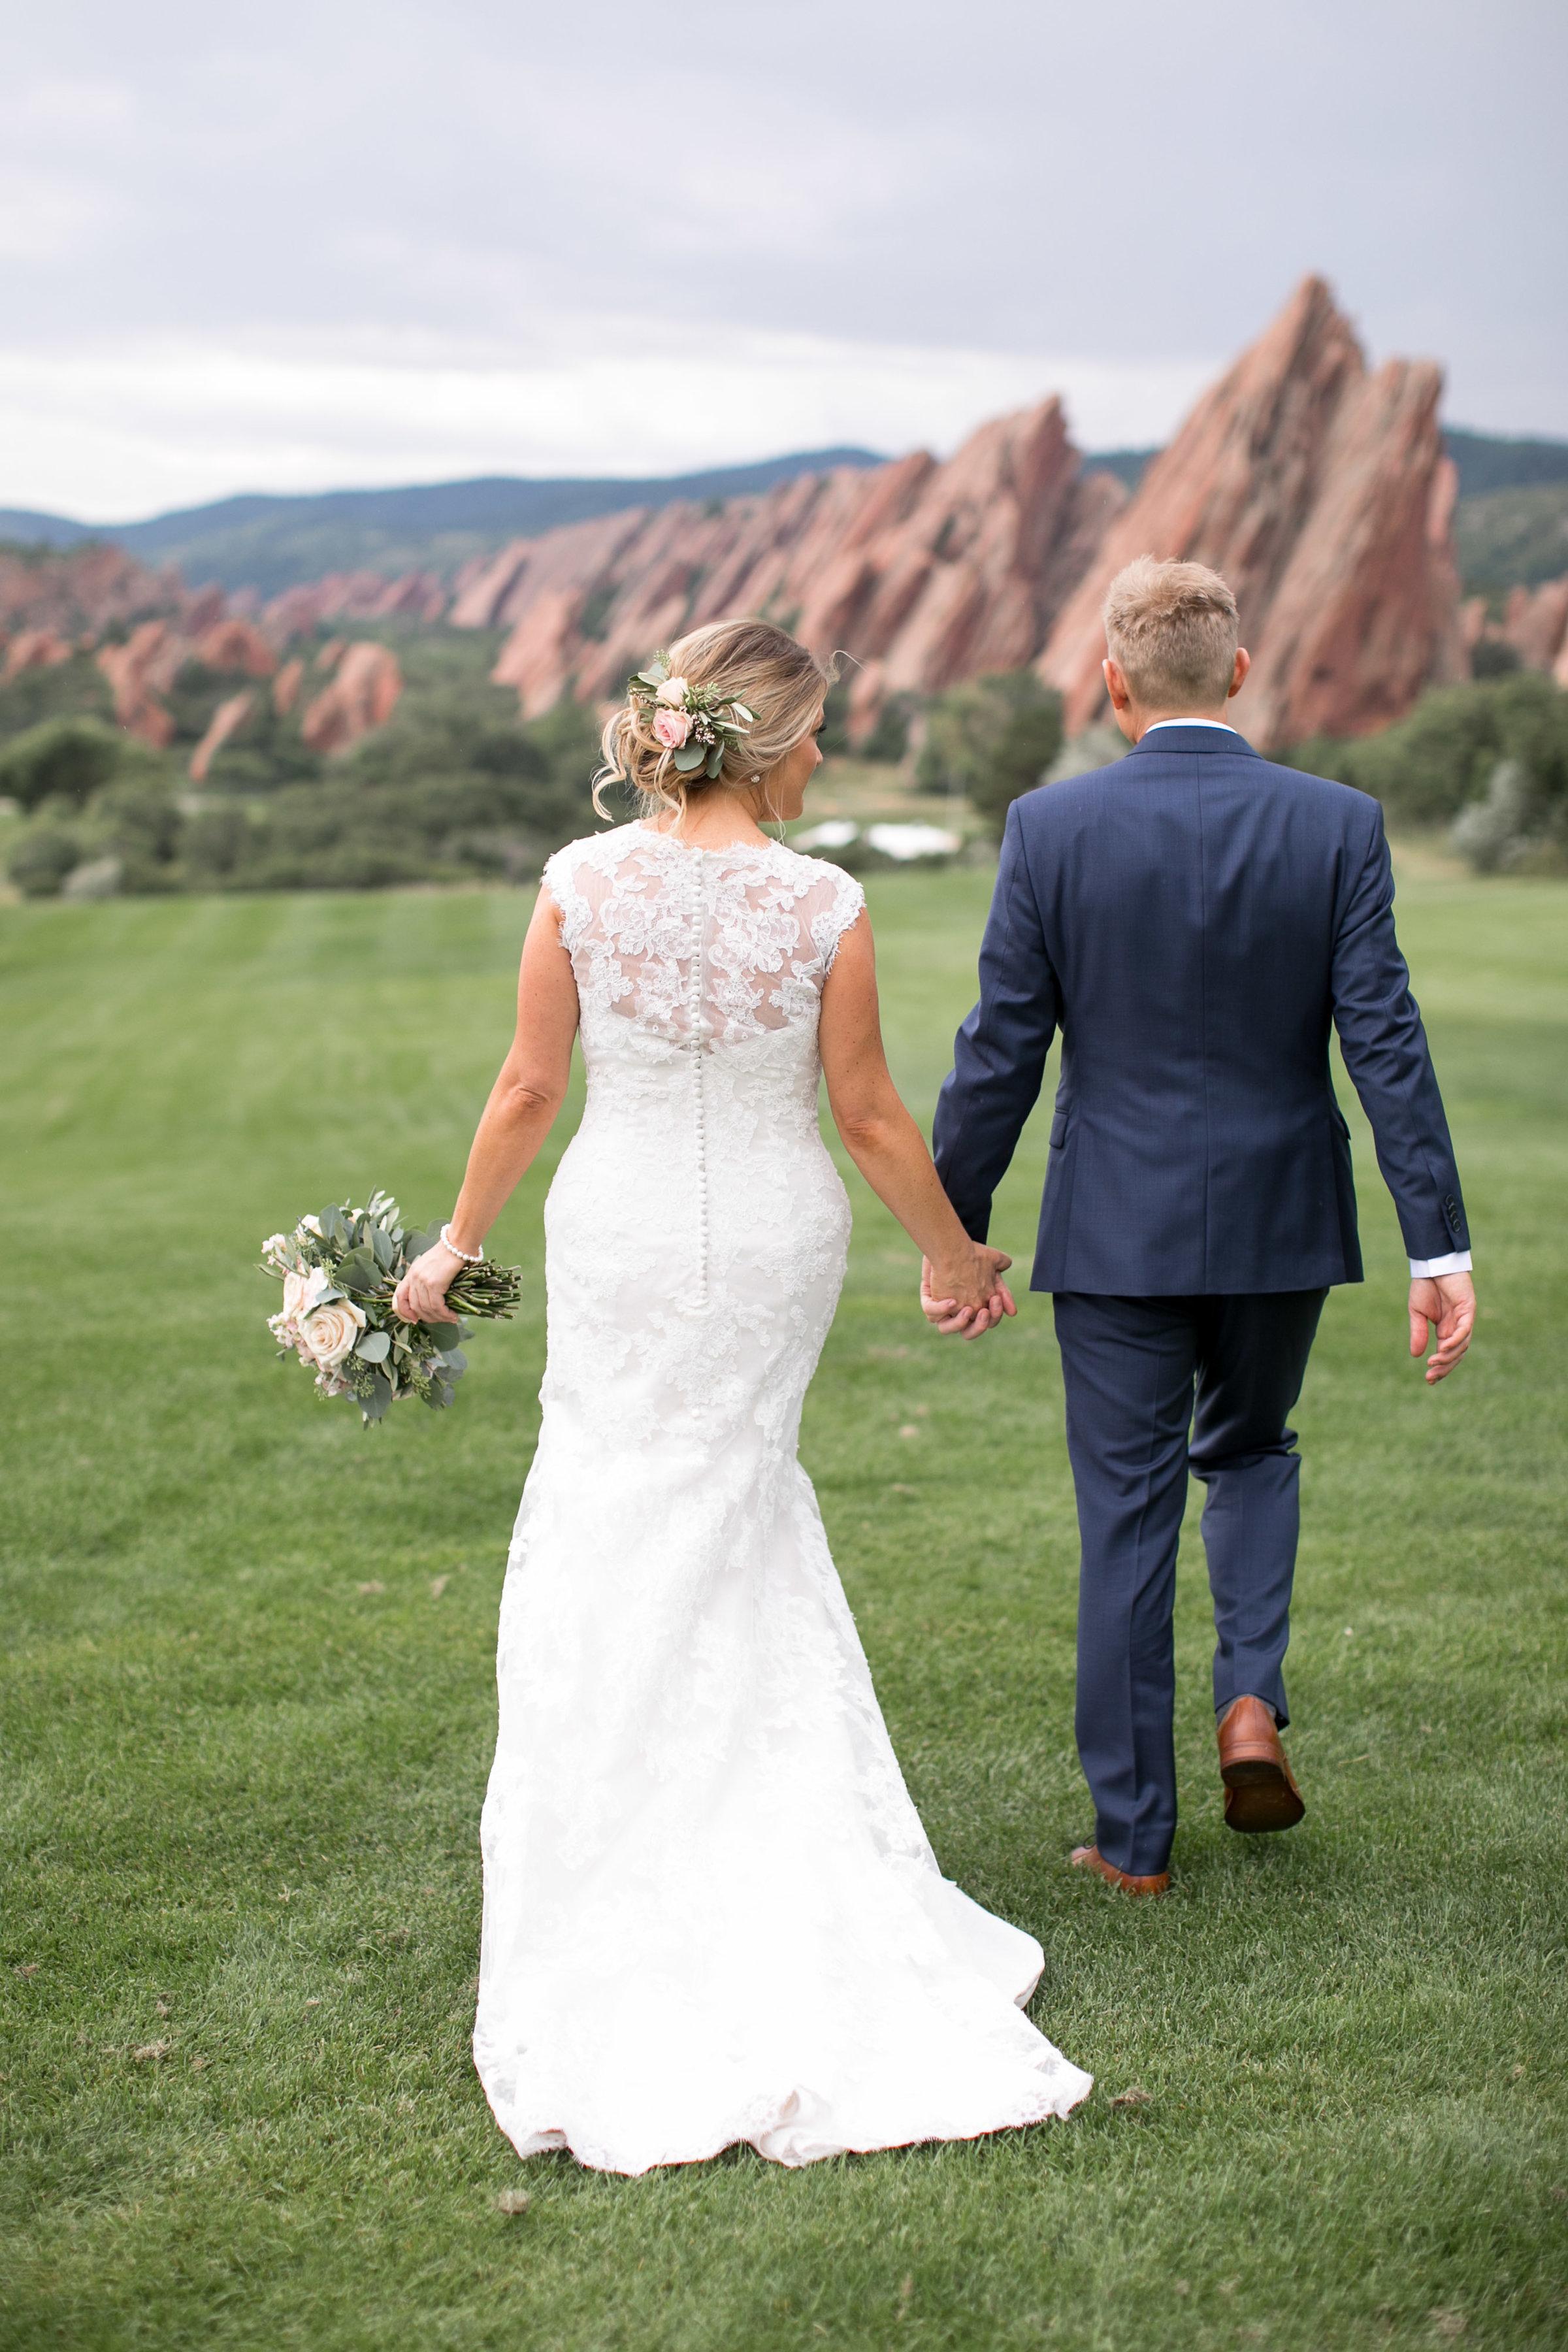 wedding-hairstylist-bride-updo